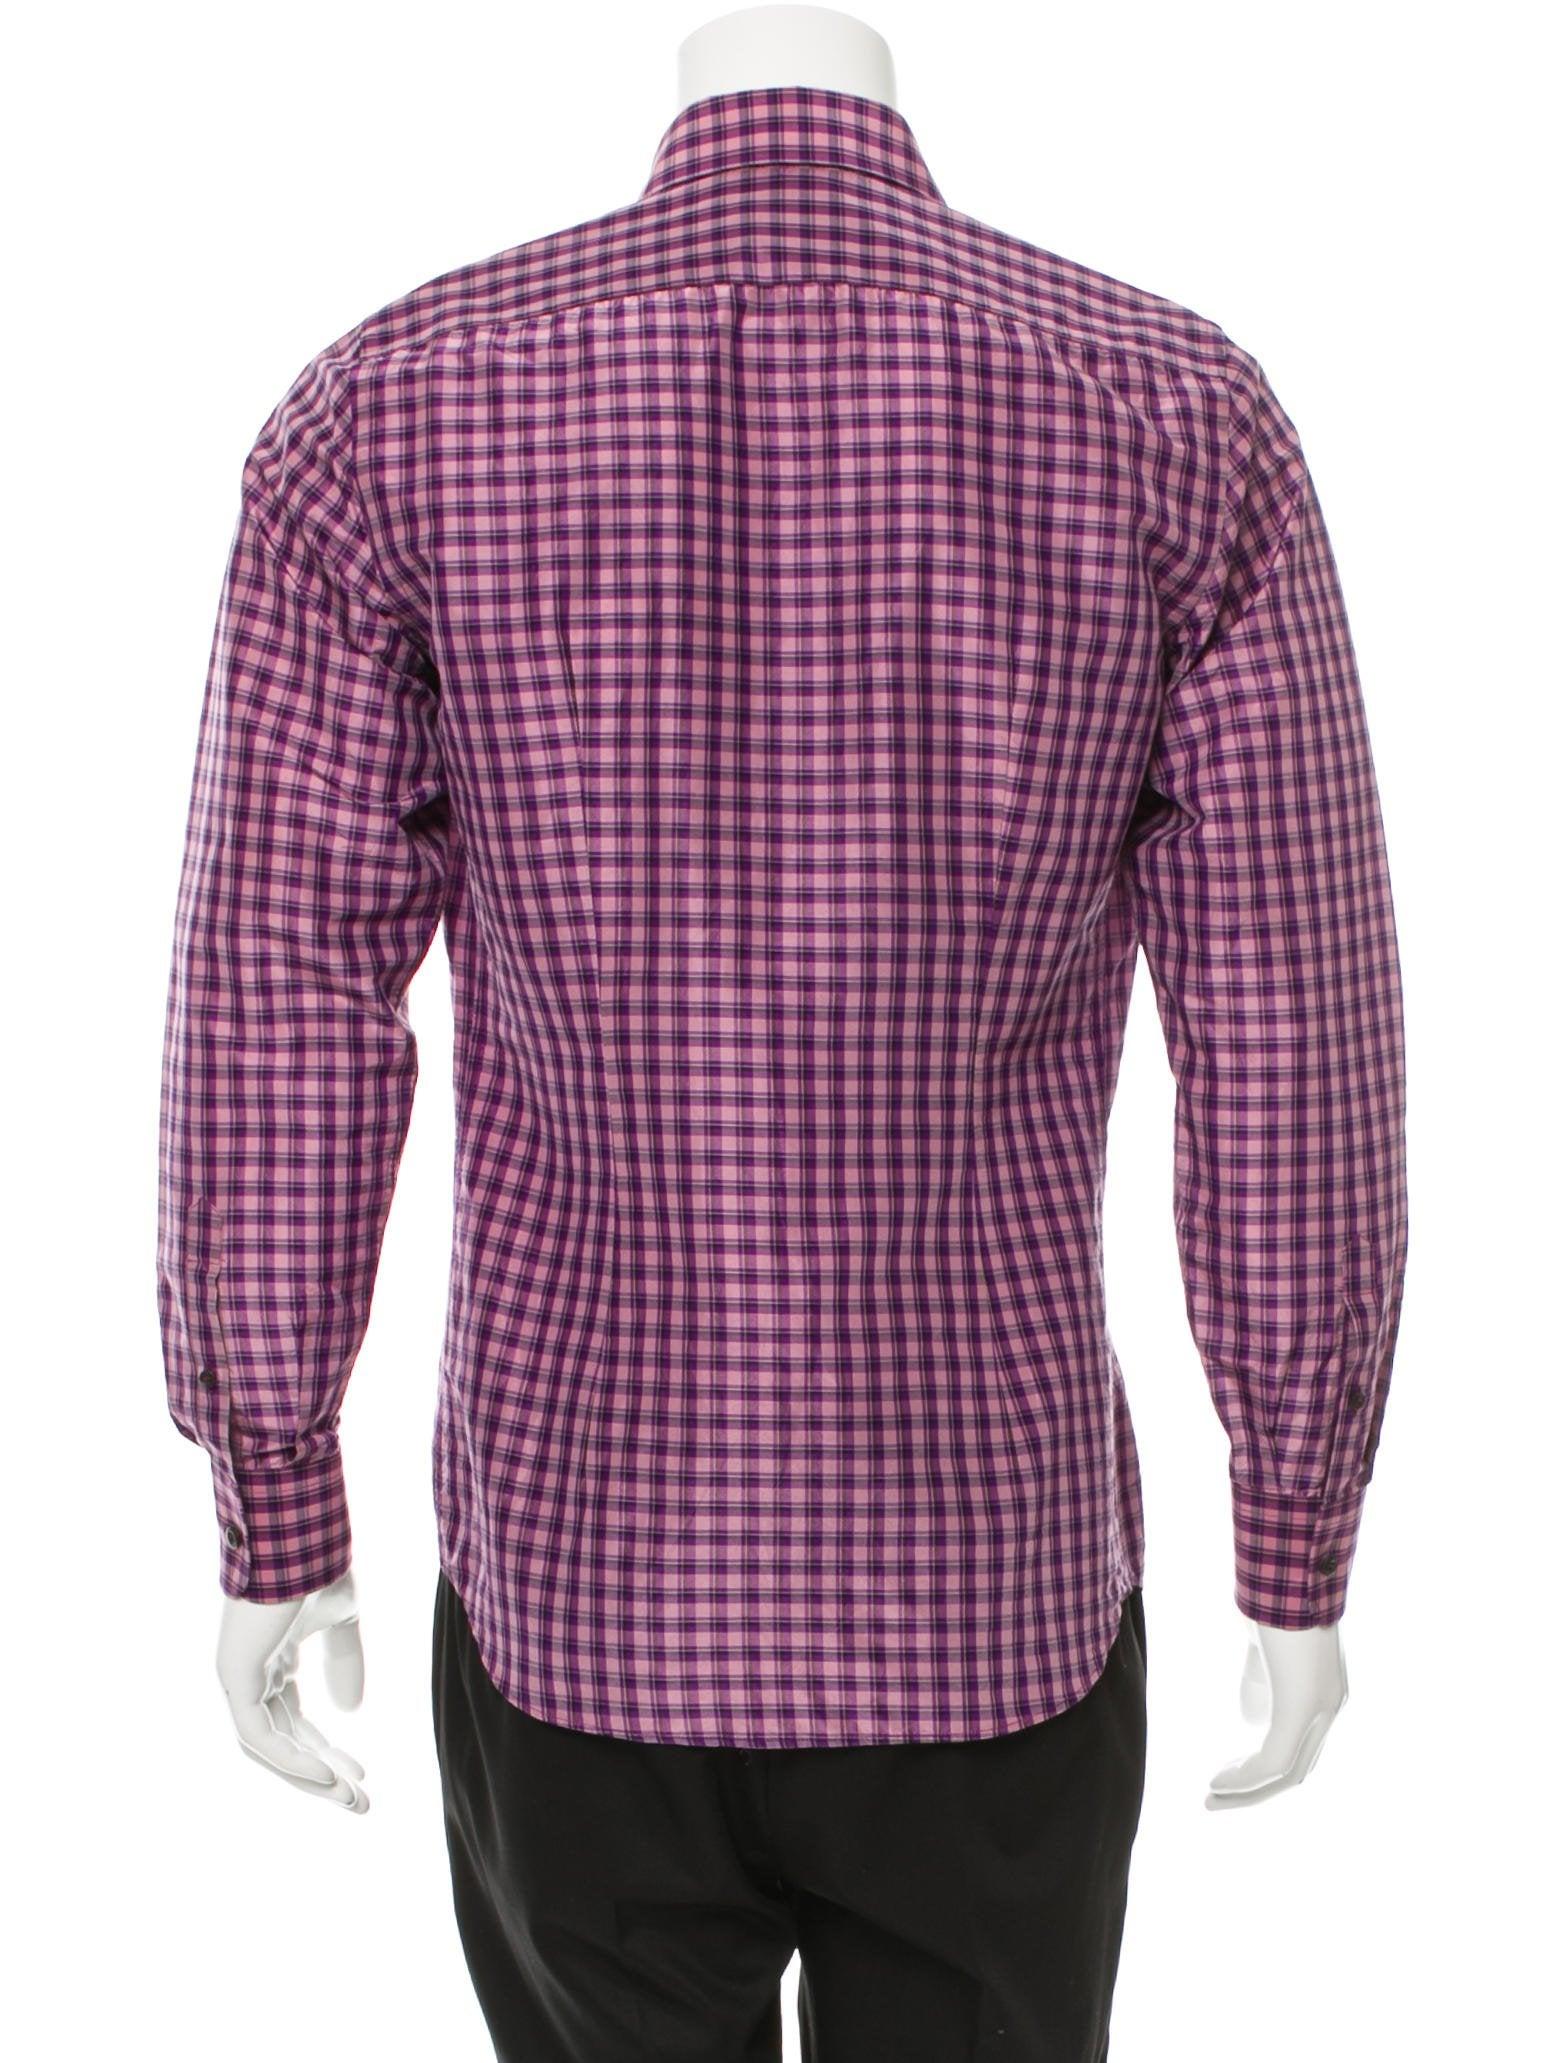 Prada plaid button up shirt clothing pra145337 the for Purple plaid button up shirt